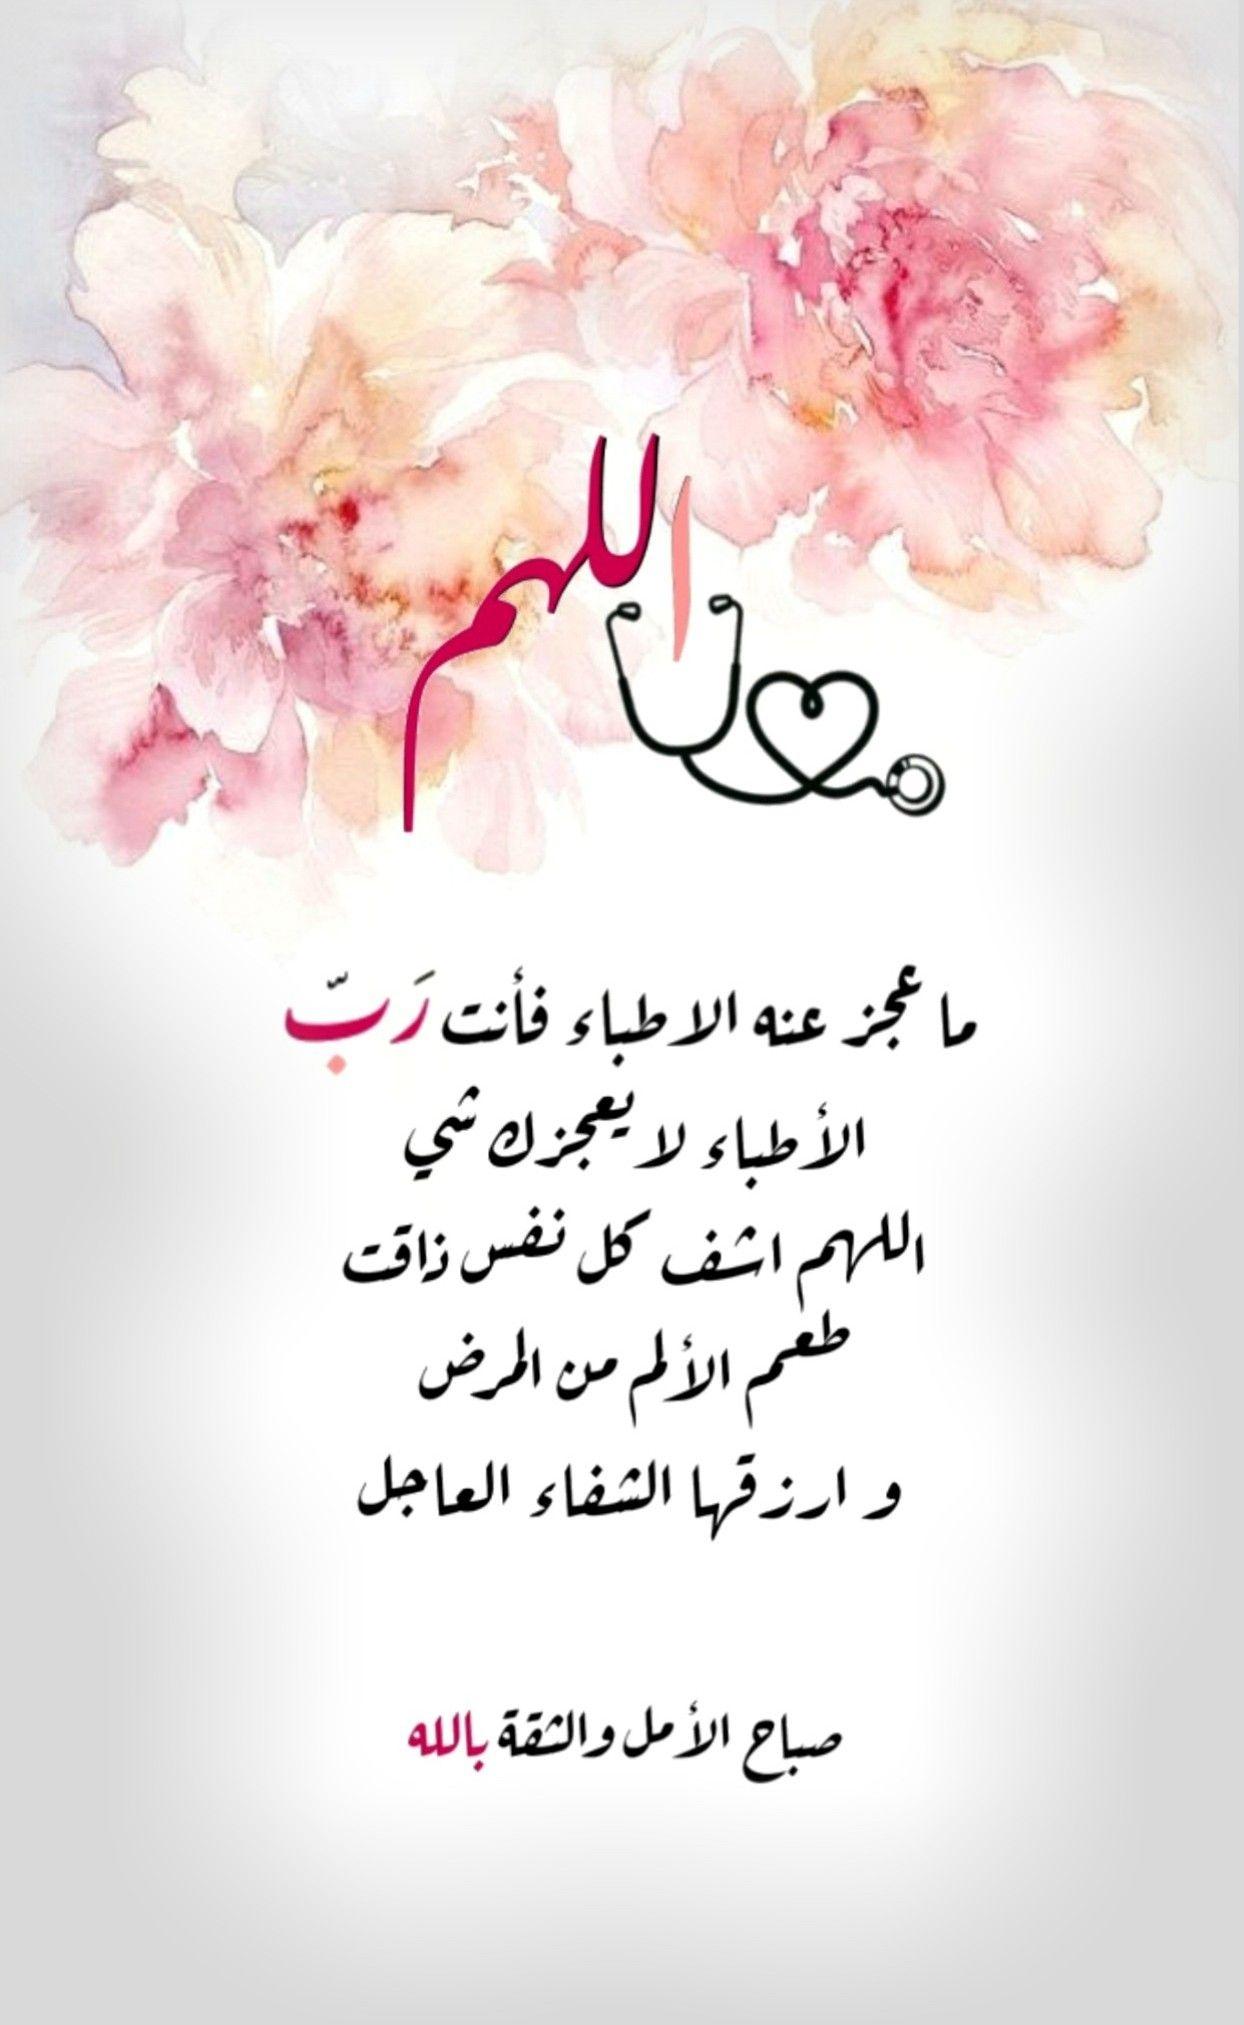 ضور اللهم اشفني , صور ادعية بالشفاء مستجابة من القرآن والسنة